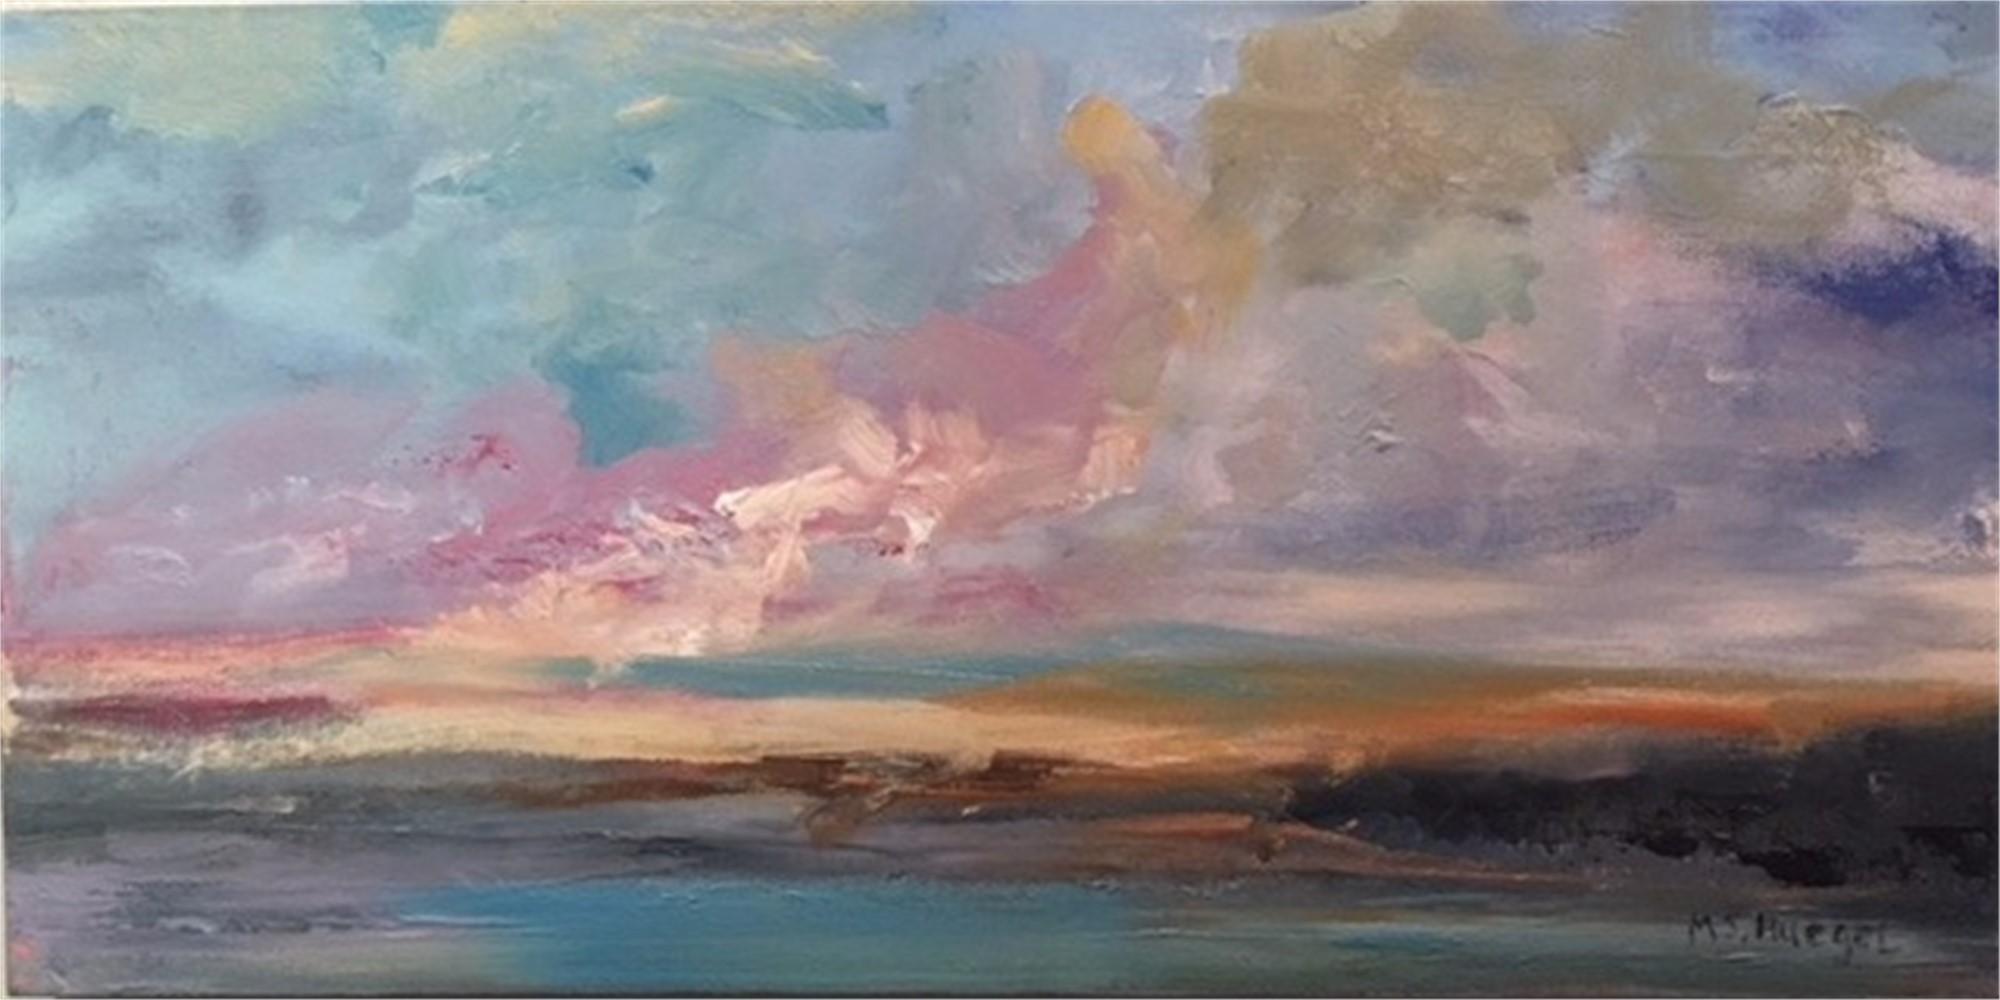 Breathe on Me by Mary Jane Huegel